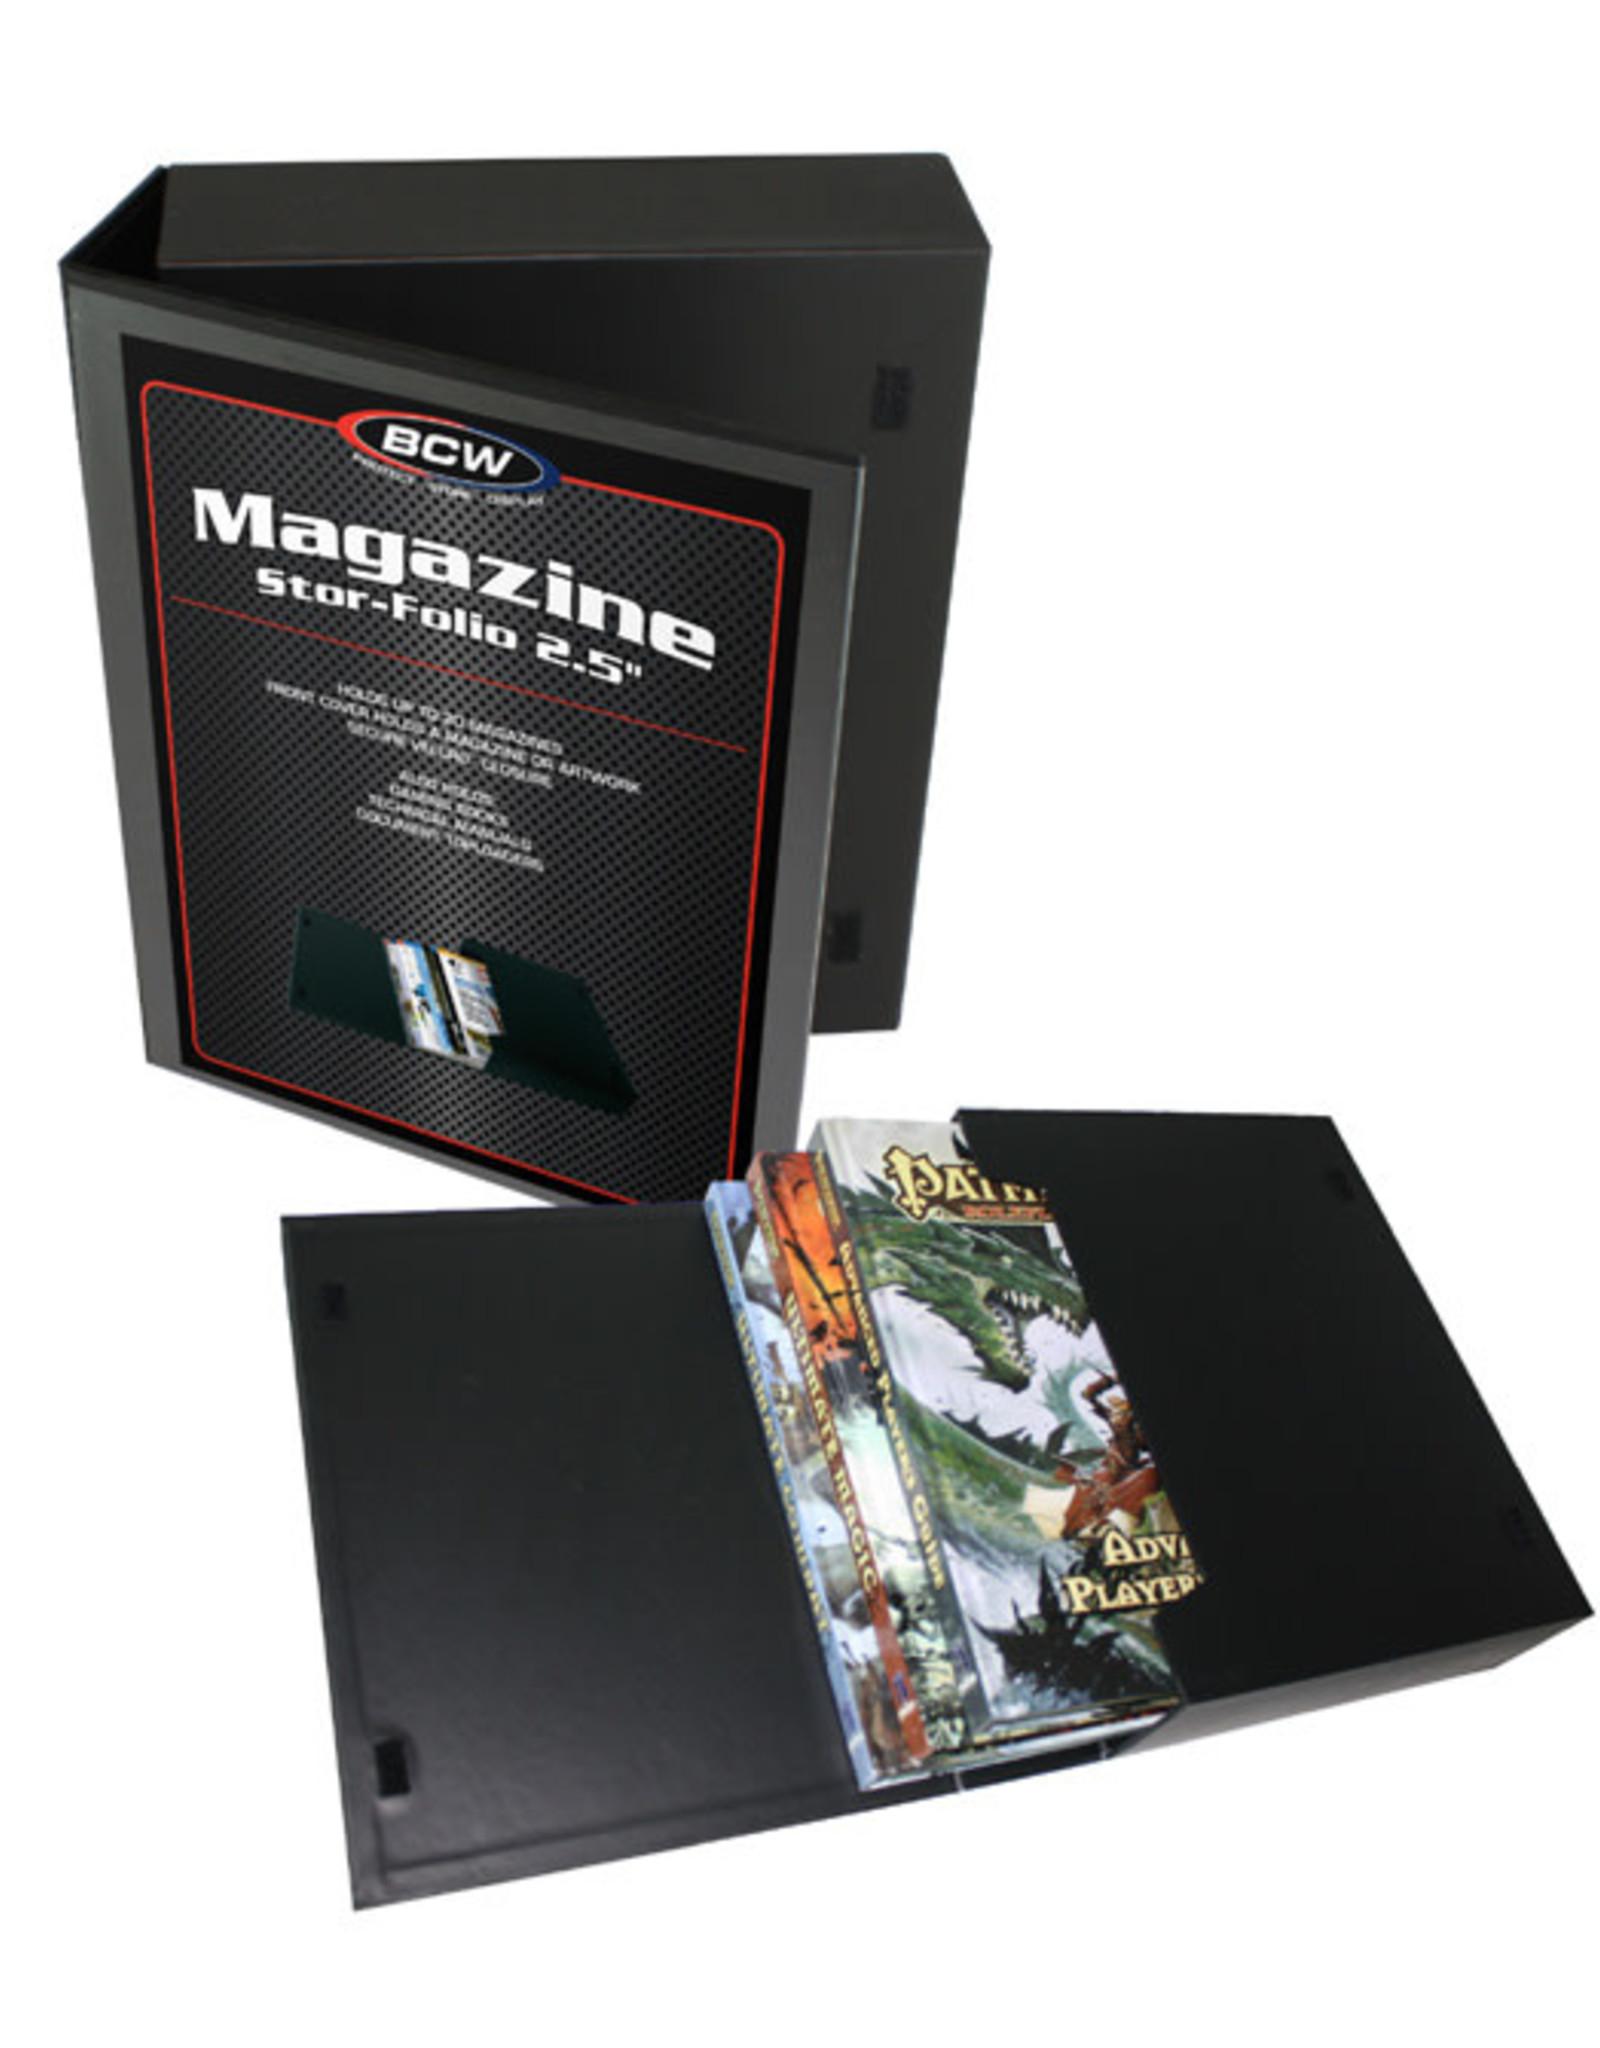 Miscellaneous Magazine Folio